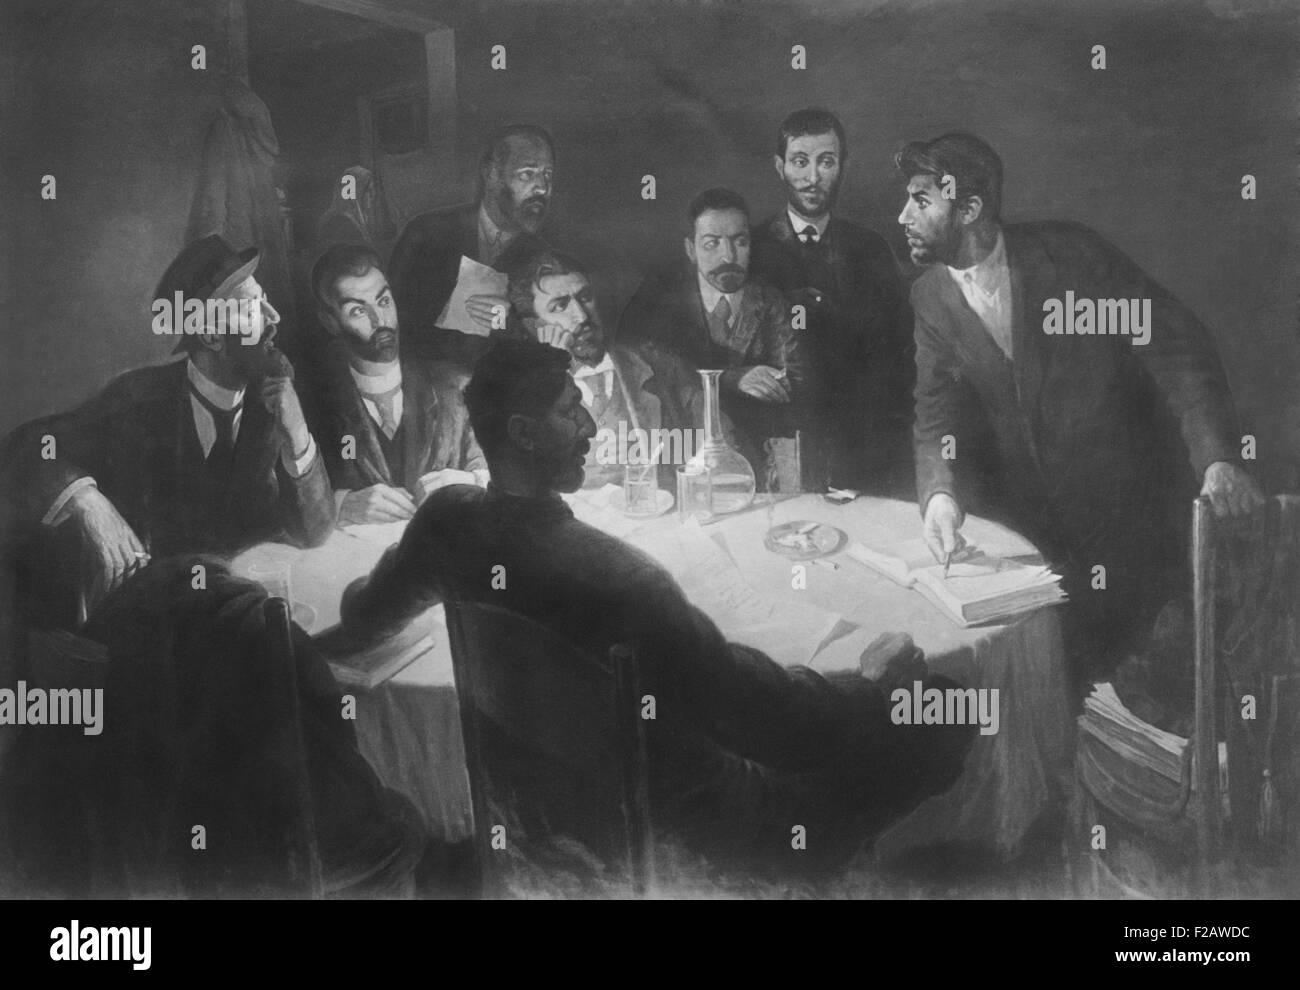 Joseph Staline à la tête d'une réunion avec ses camarades dans le mouvement révolutionnaire. Photo Stock